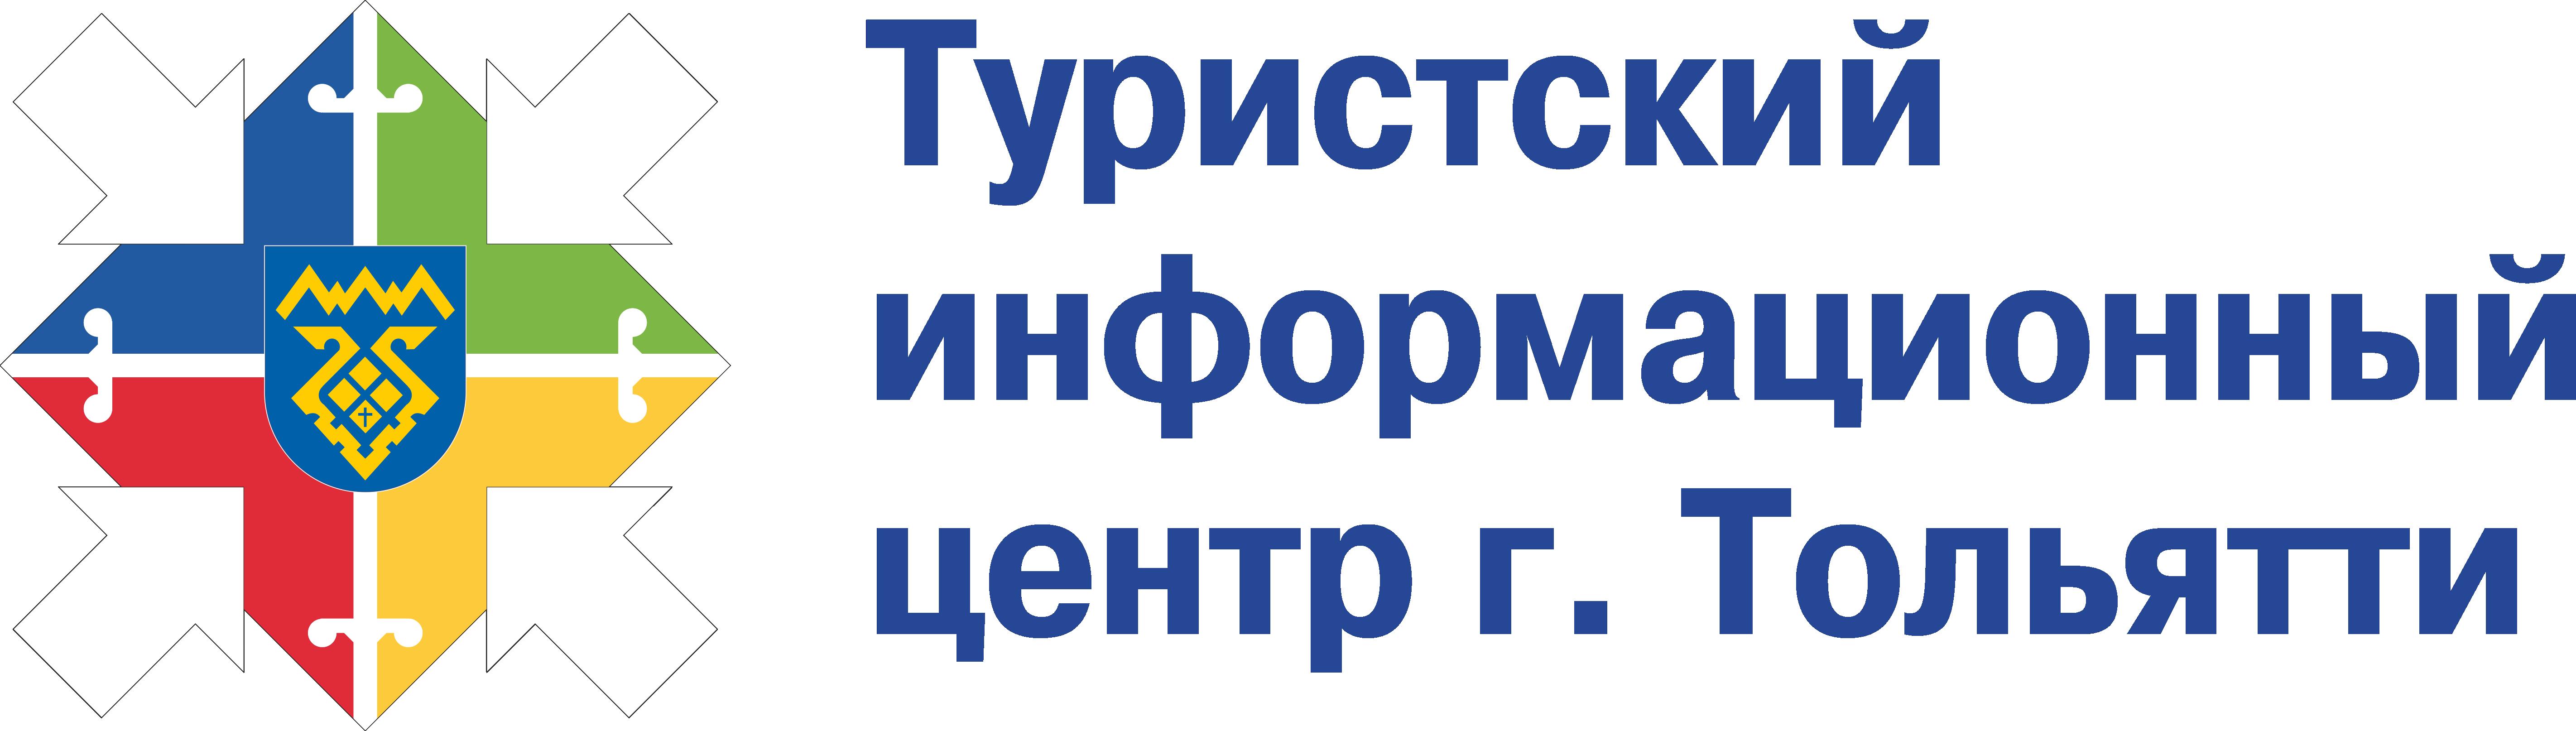 Туристский информационный портал «Жигулевская мозаика»